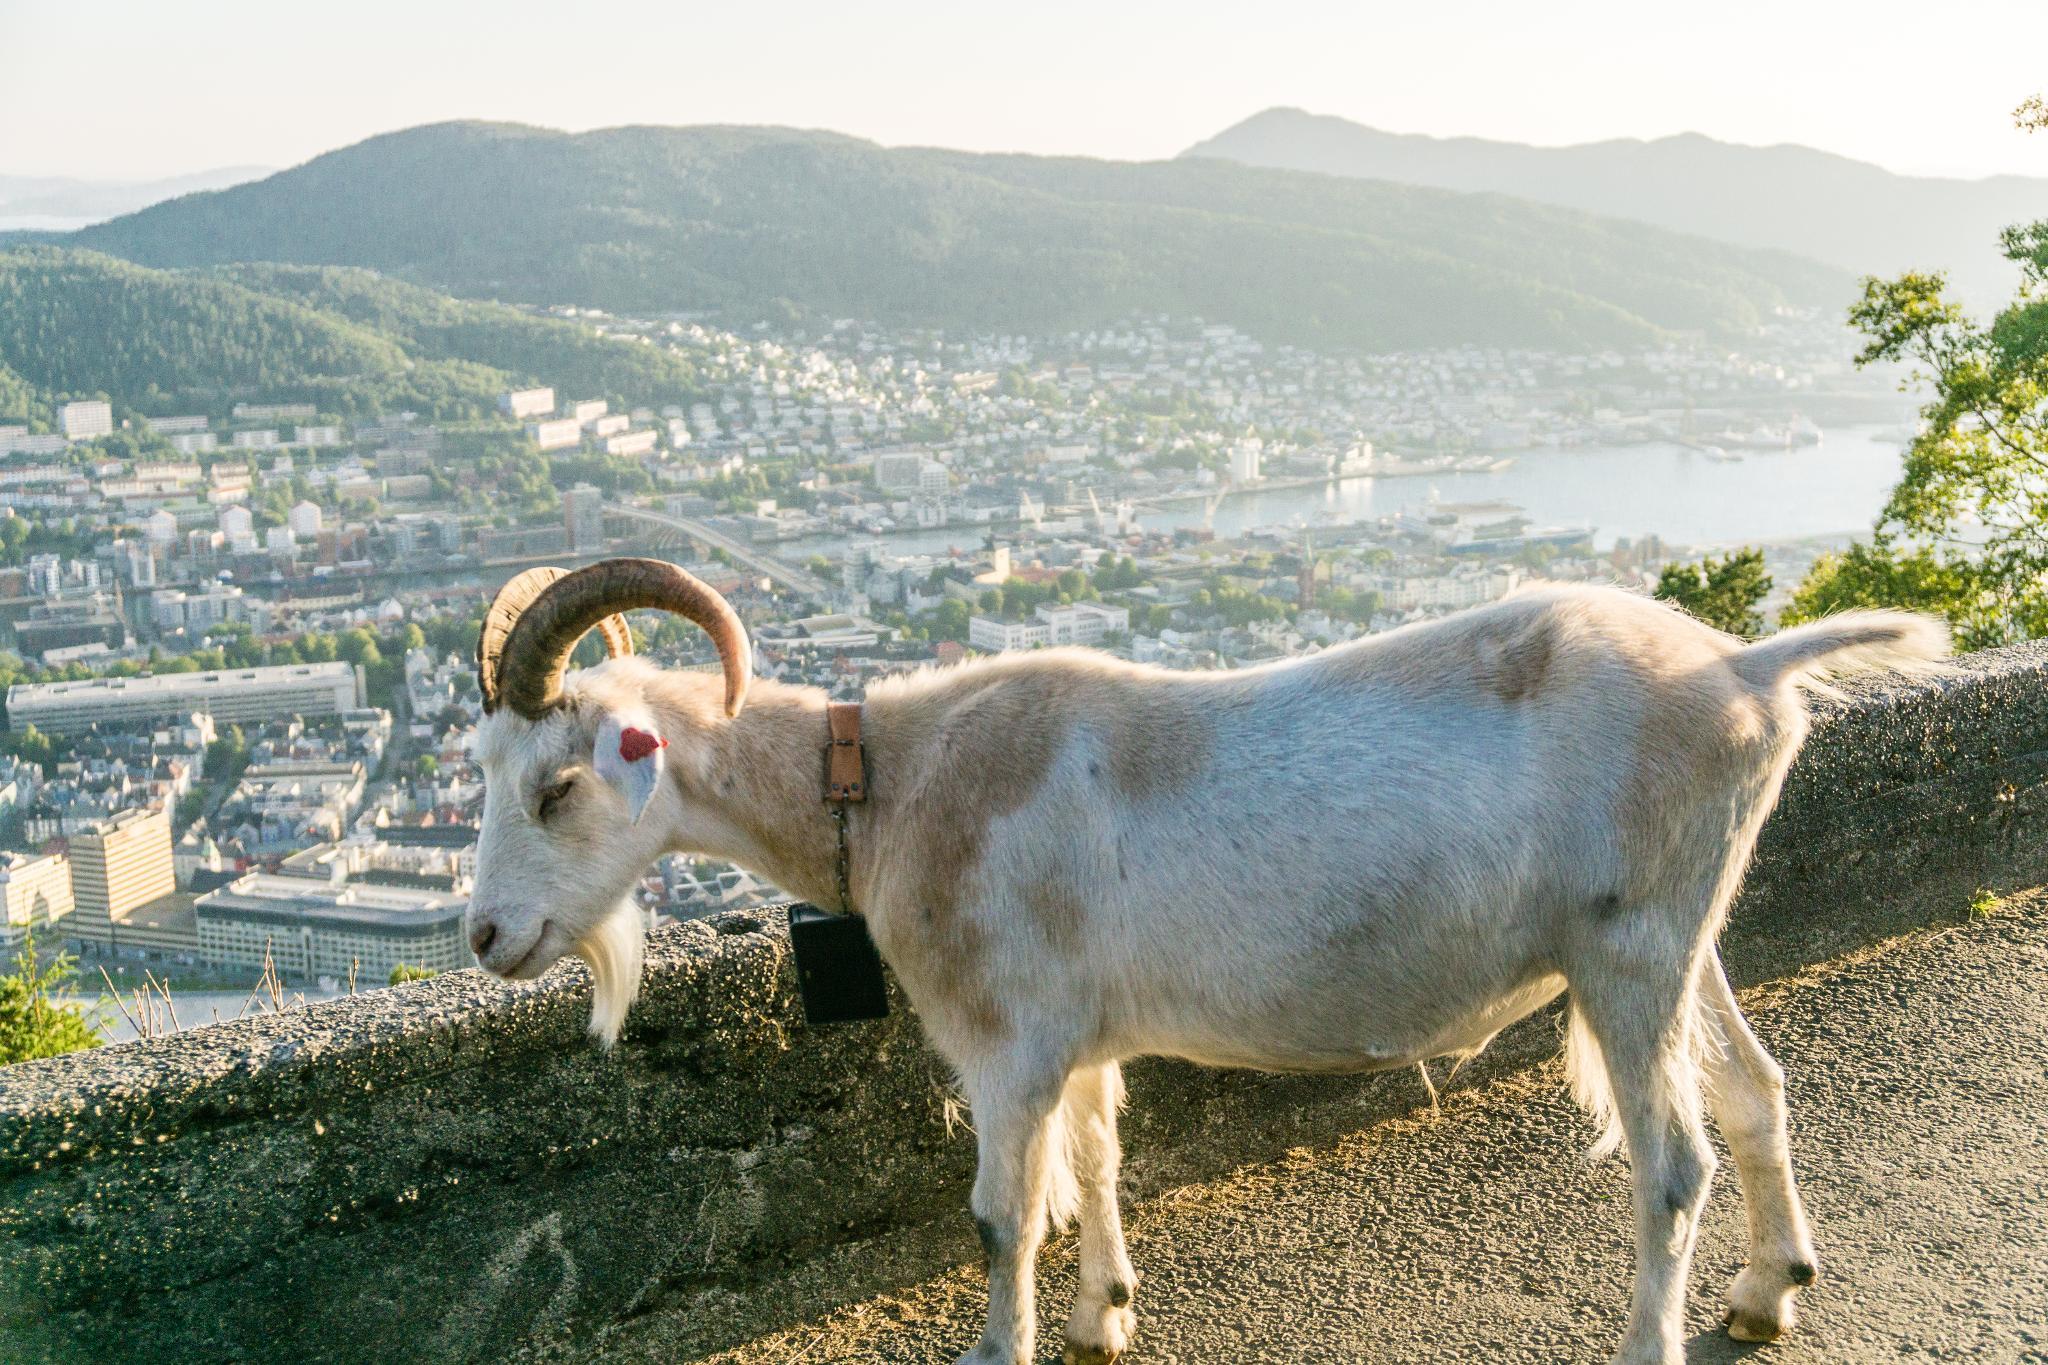 【卑爾根】Fløyen 佛洛伊恩山纜車與觀景台 — 擁抱文化港都的百萬美景 98